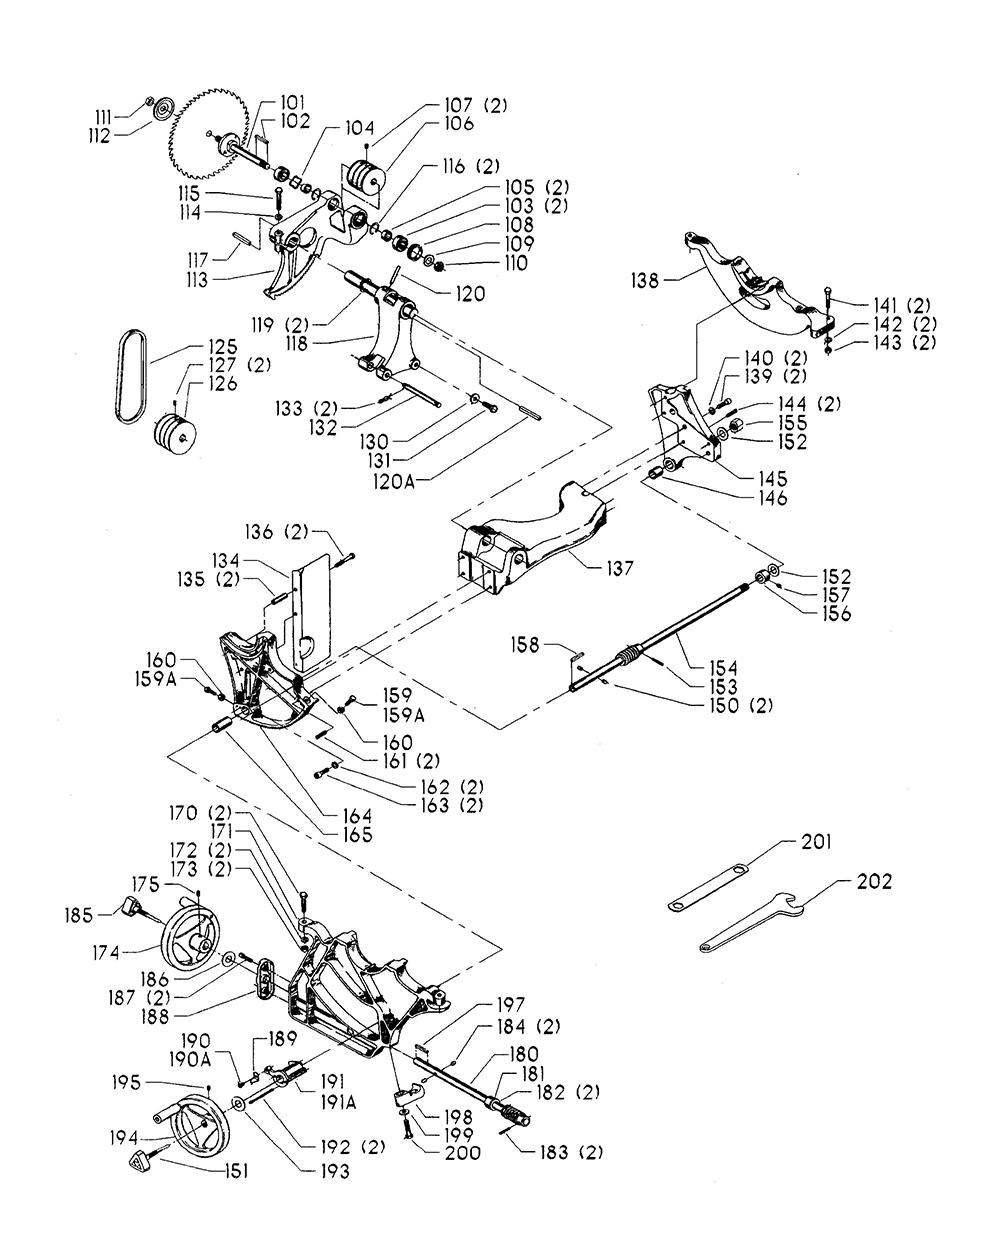 34-784-T3-Delta-PB-1Break Down